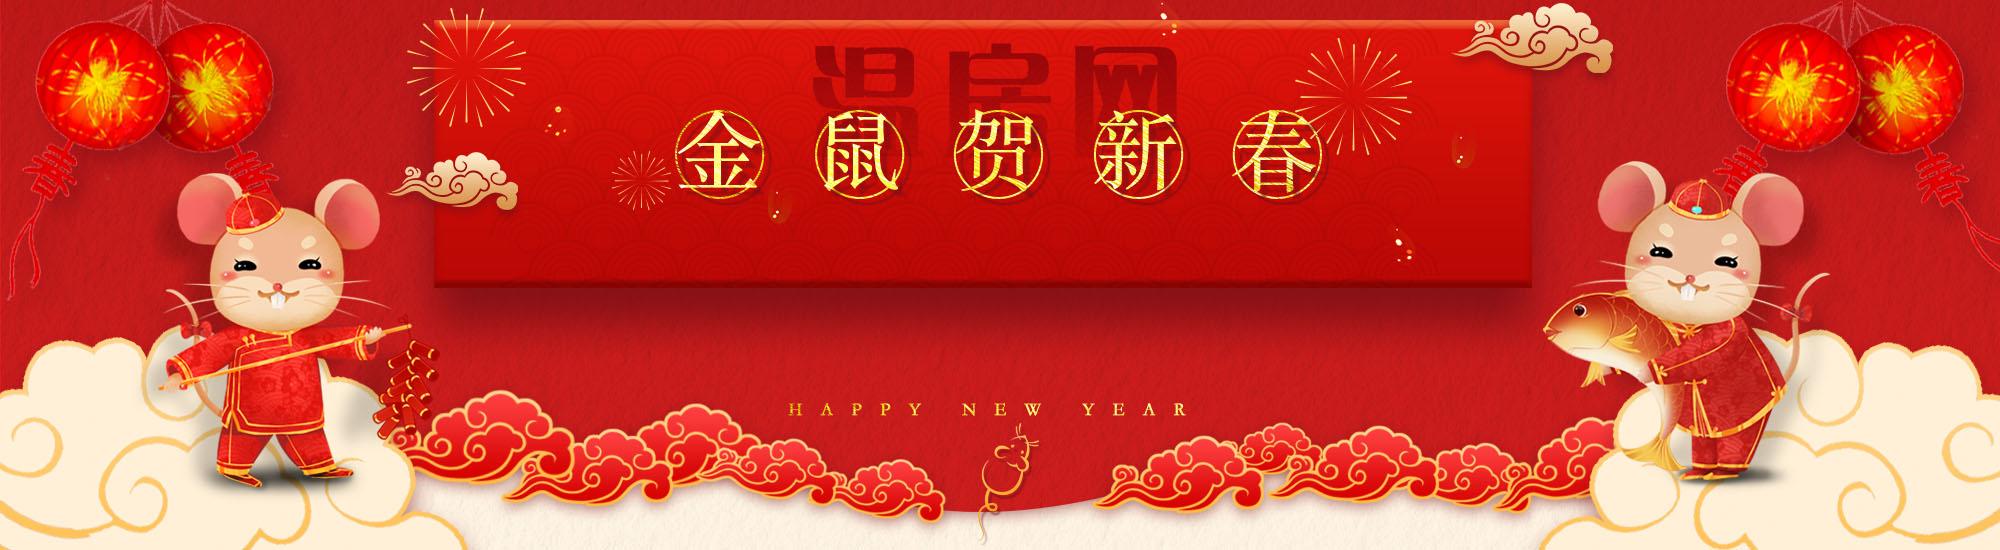 2020你好 春节快乐